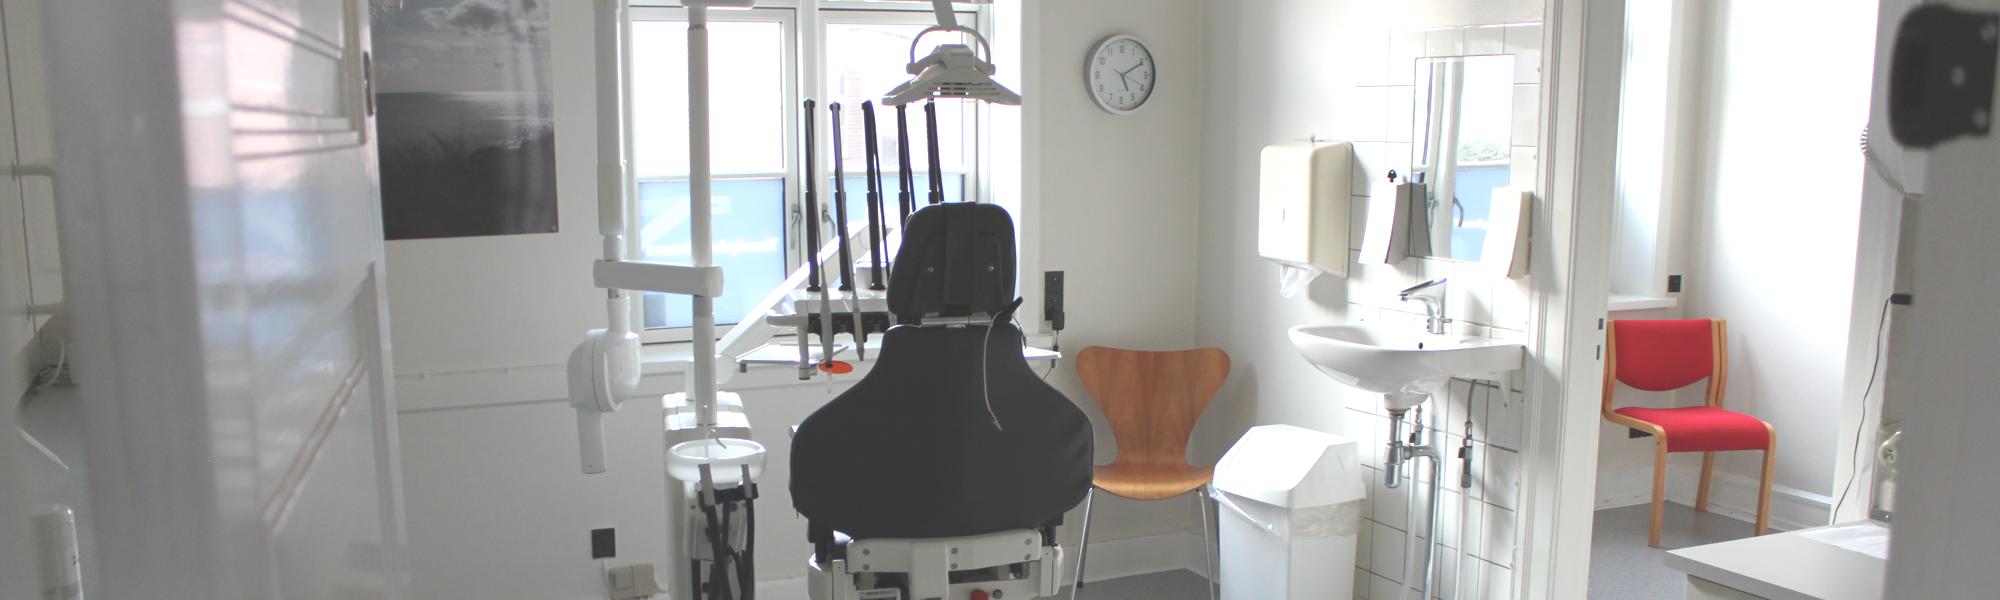 god og billig tandlæge nykøbing sjælland